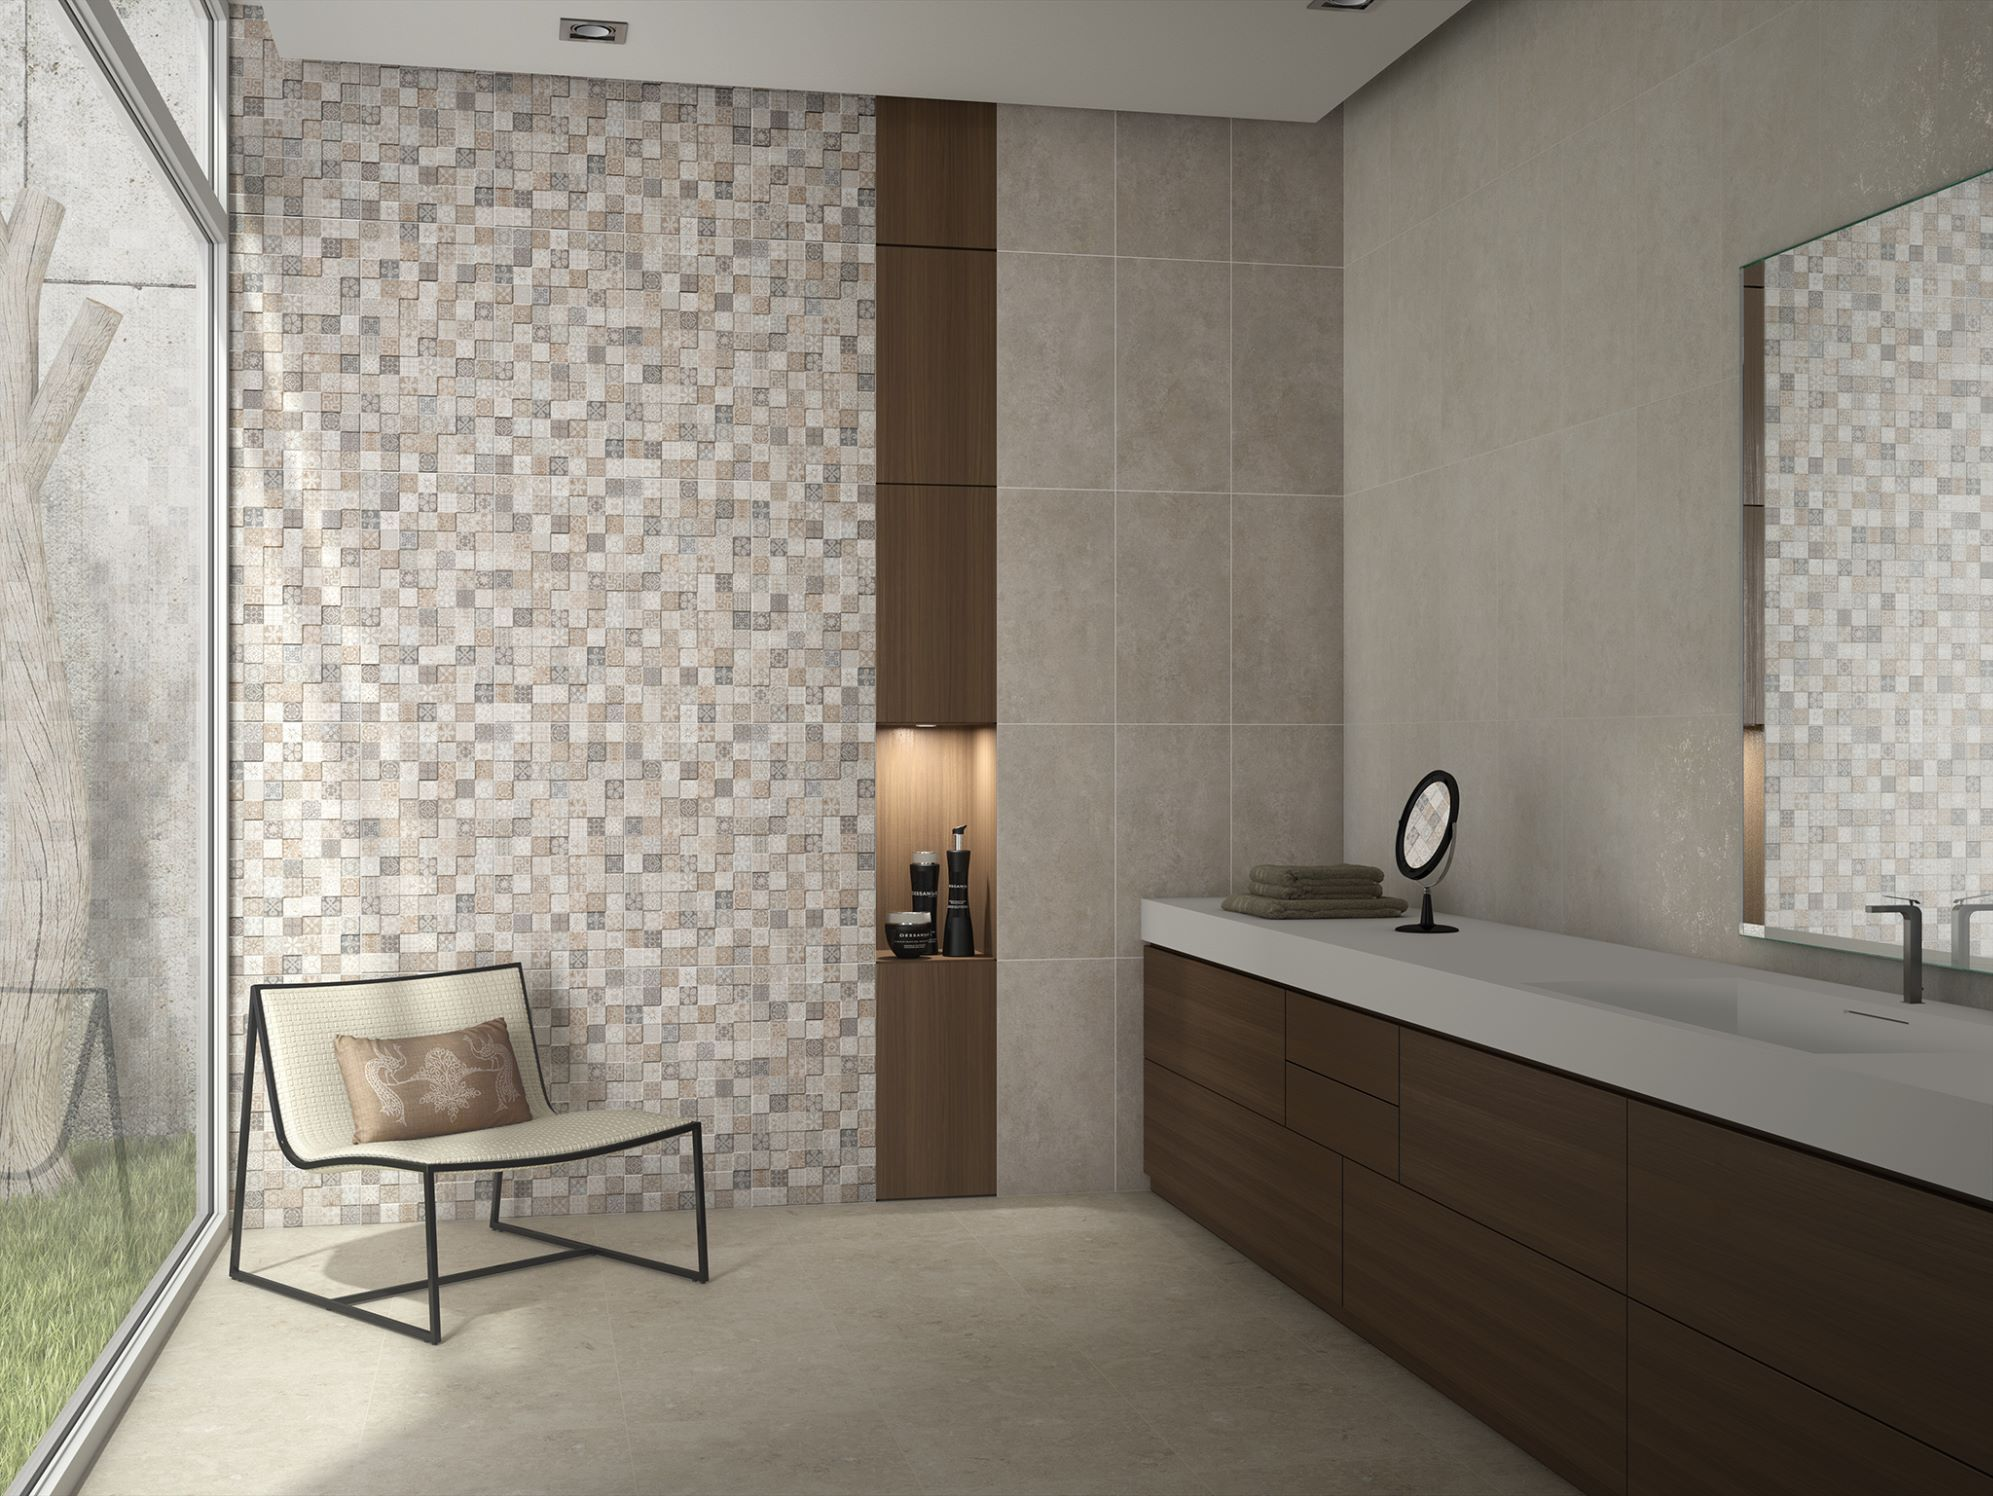 Saloni gard pinterest pisos nuevos color beige y ba os - Azulejos saloni ...